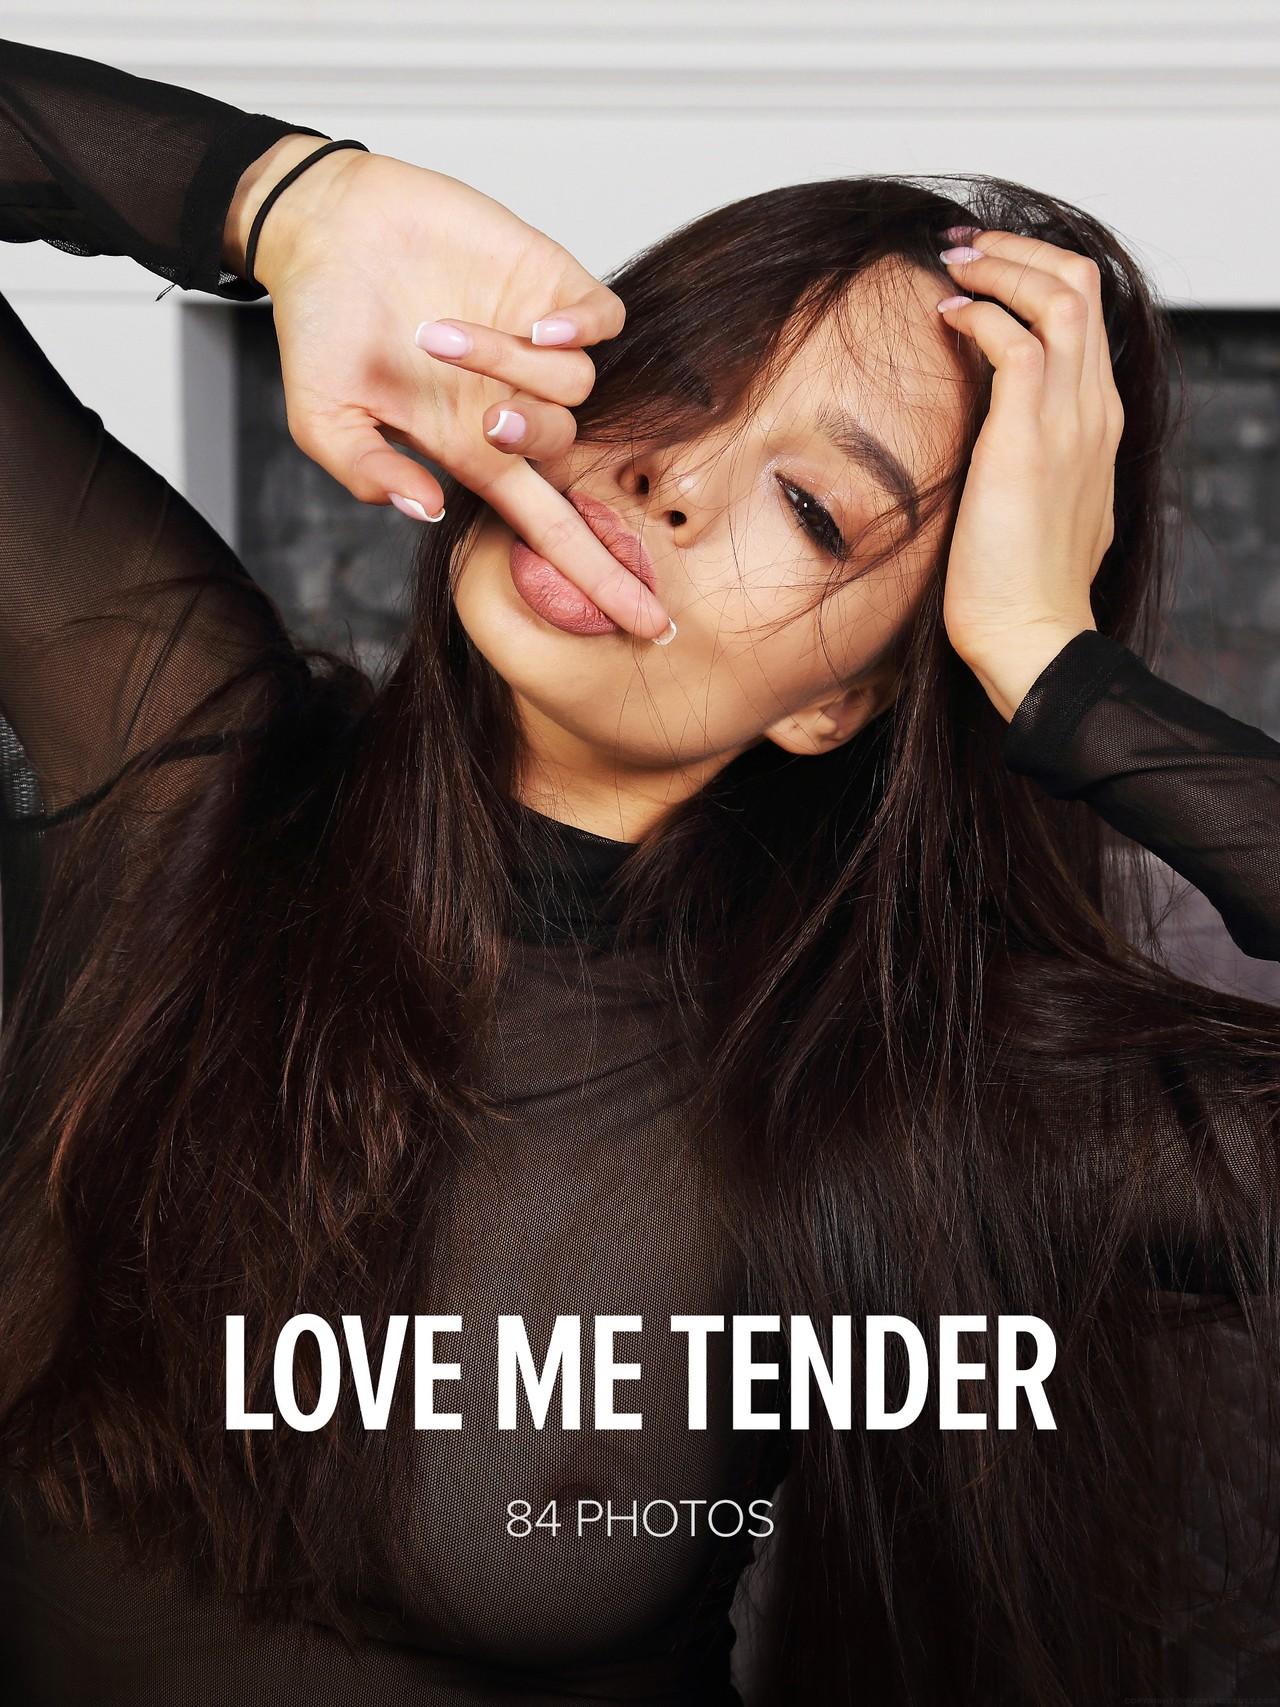 Astrid: Love Me Tender